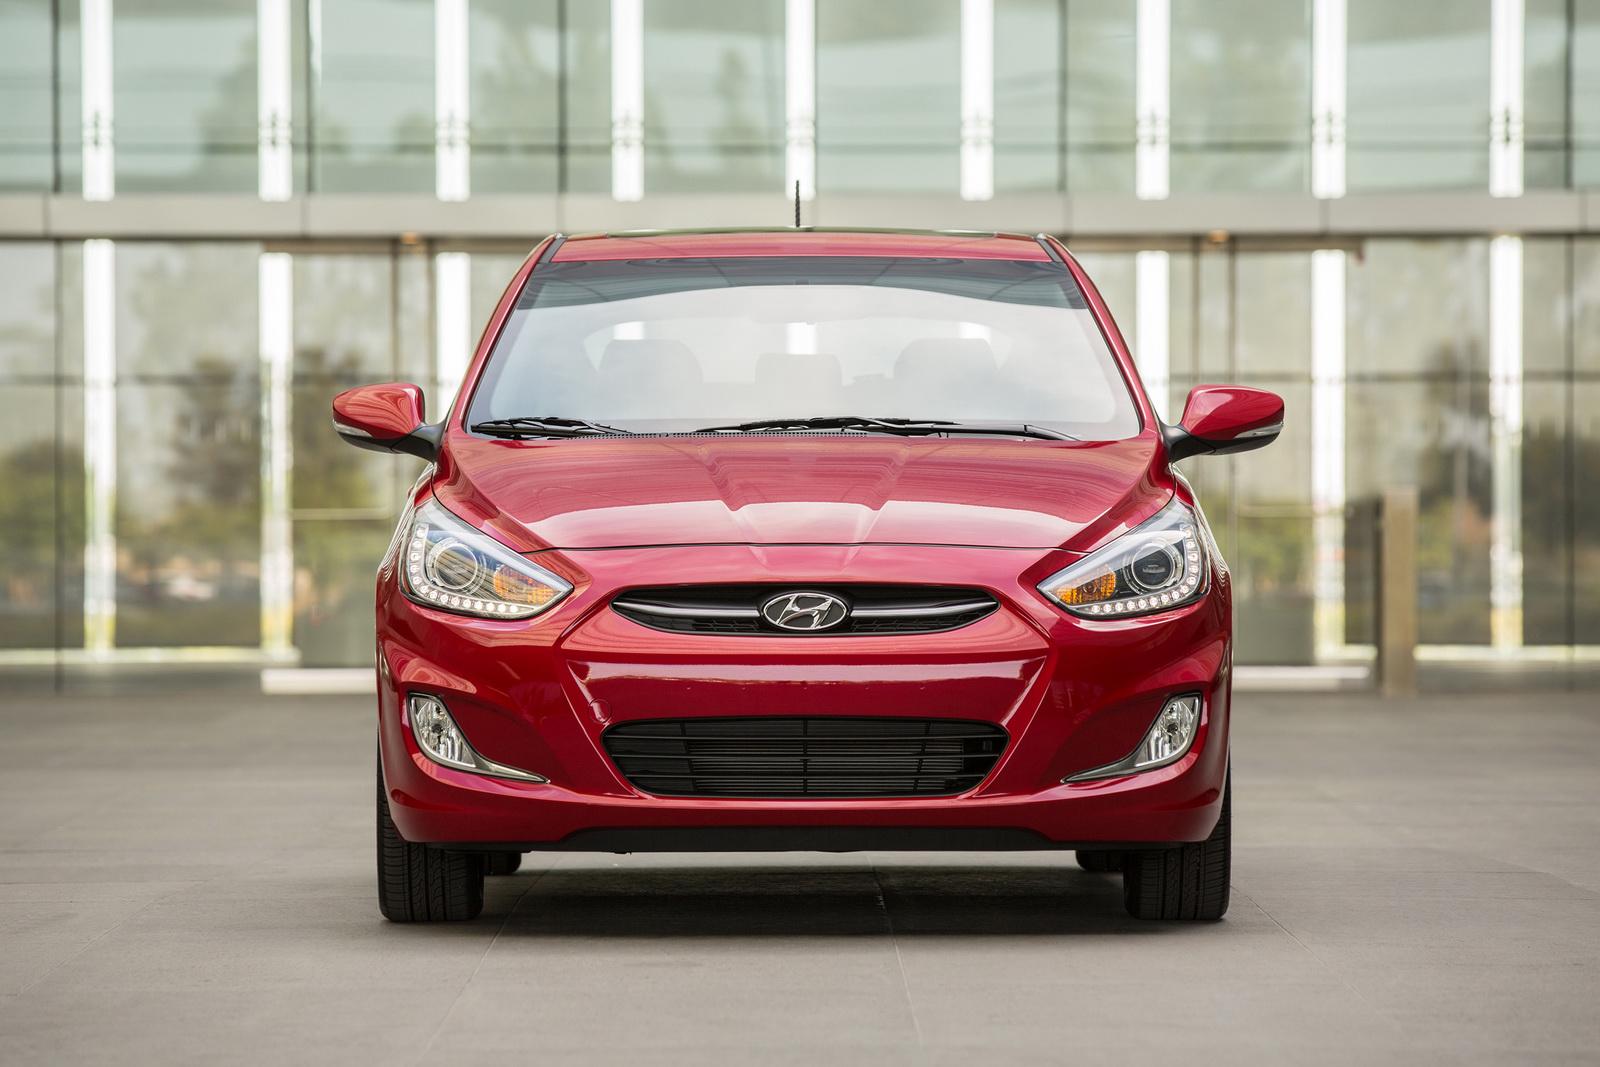 Ngoại thất Hyundai Accent 2015 thay đổi nhẹ so với thế hệ trước